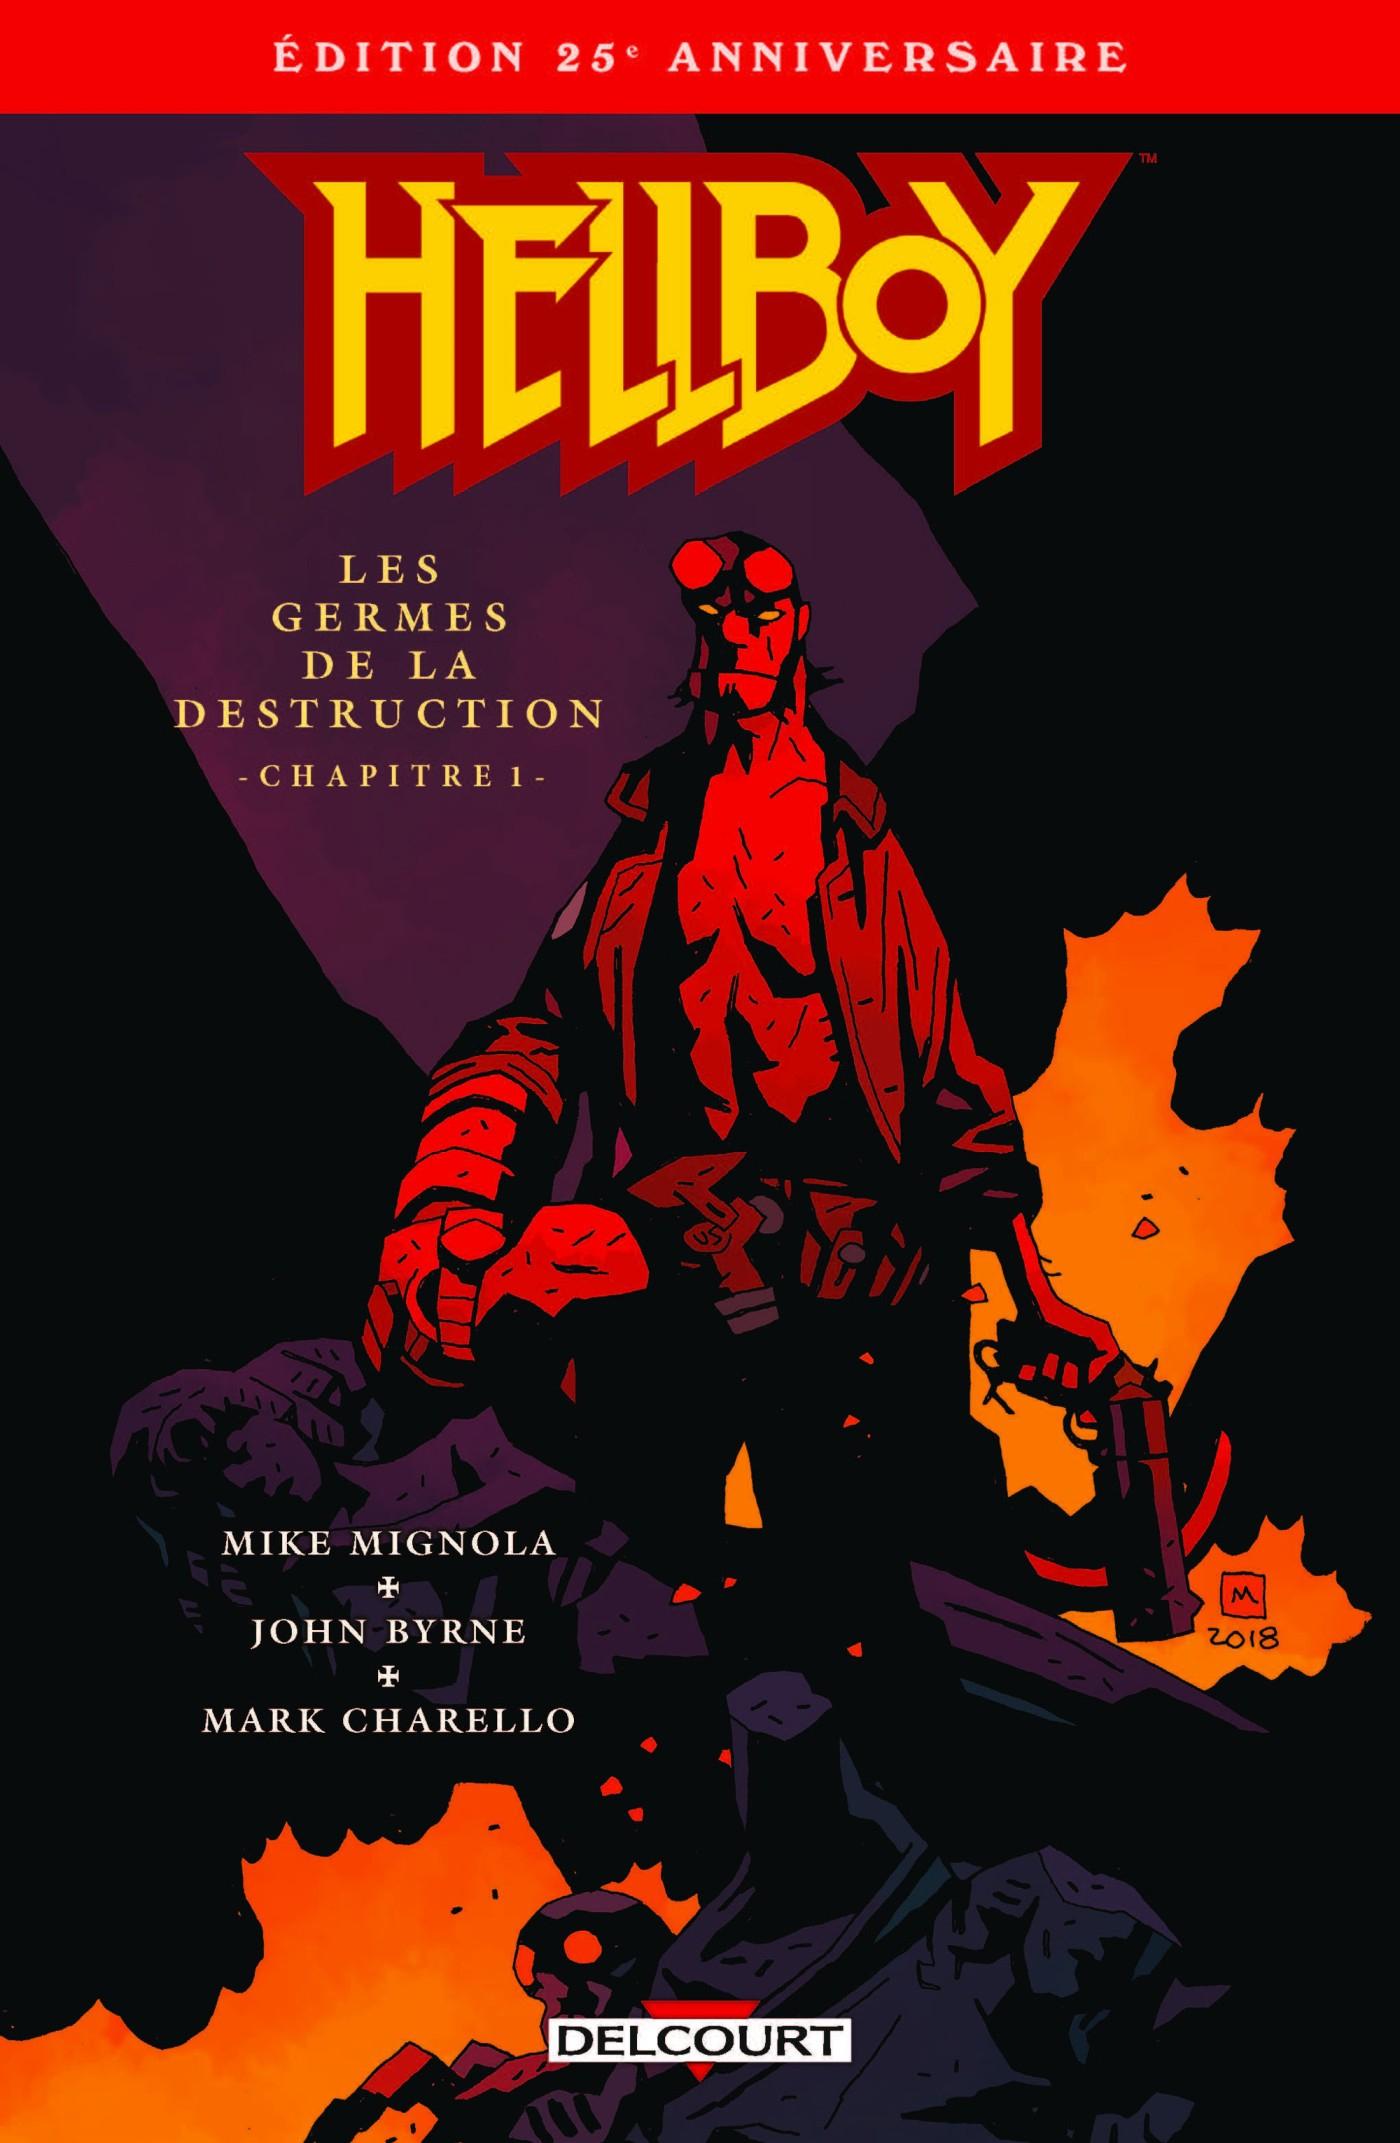 """Bande dessinée Hellboy Tome 1 """"Les germes de la destruction'' 1er chapitre gratuit édition 25ème anniversaire (dématérialisé)"""